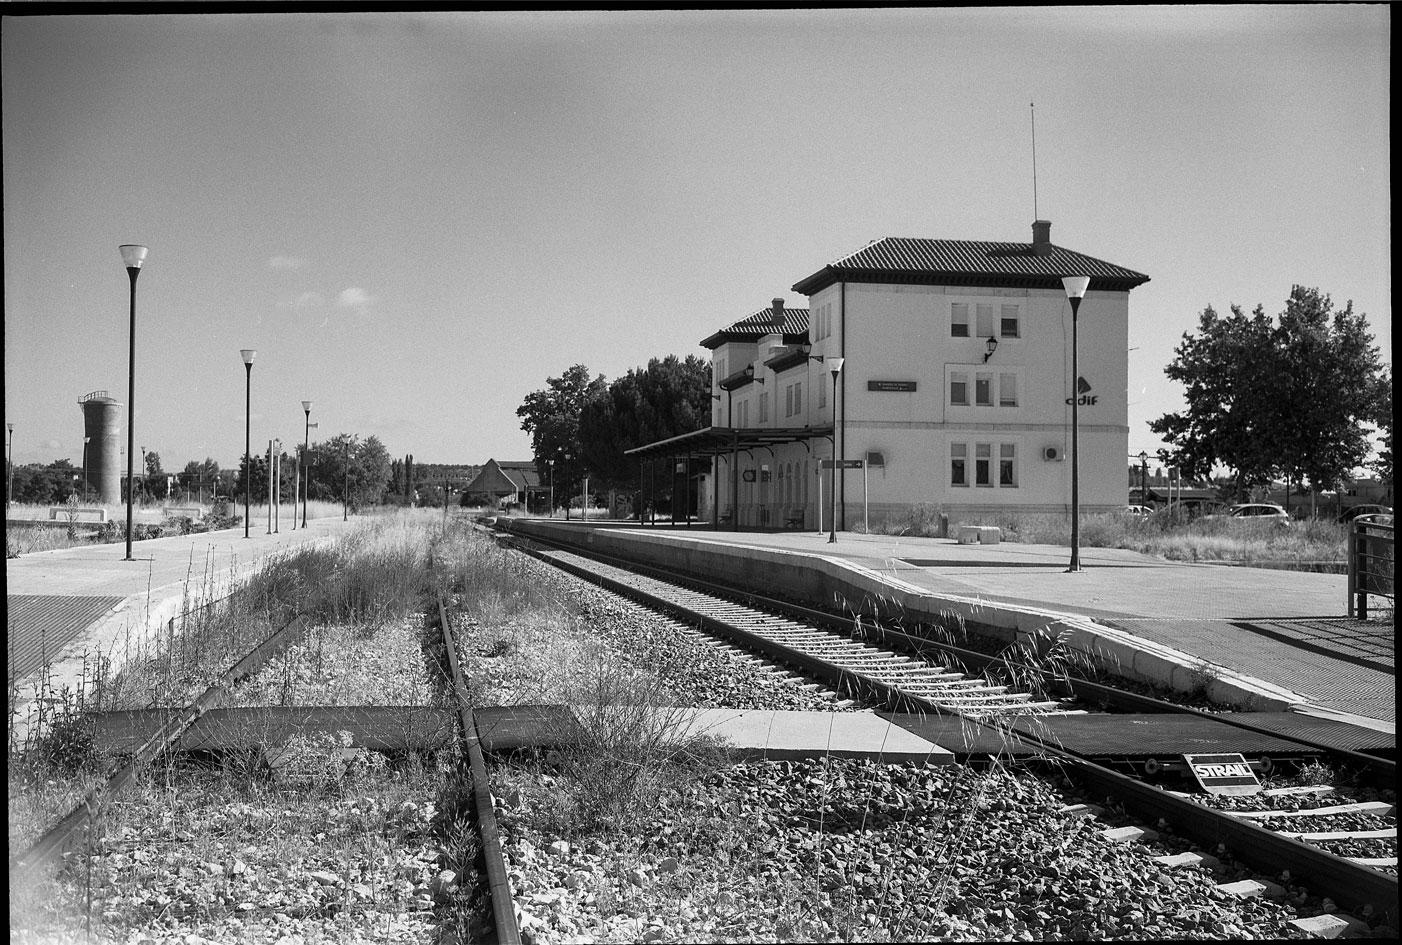 La estación de Aranda de Duero-Montecillo, perteneciente al ferrocarril Directo Madrid-Burgos. Foto: Felipe Cuenca Diaz.